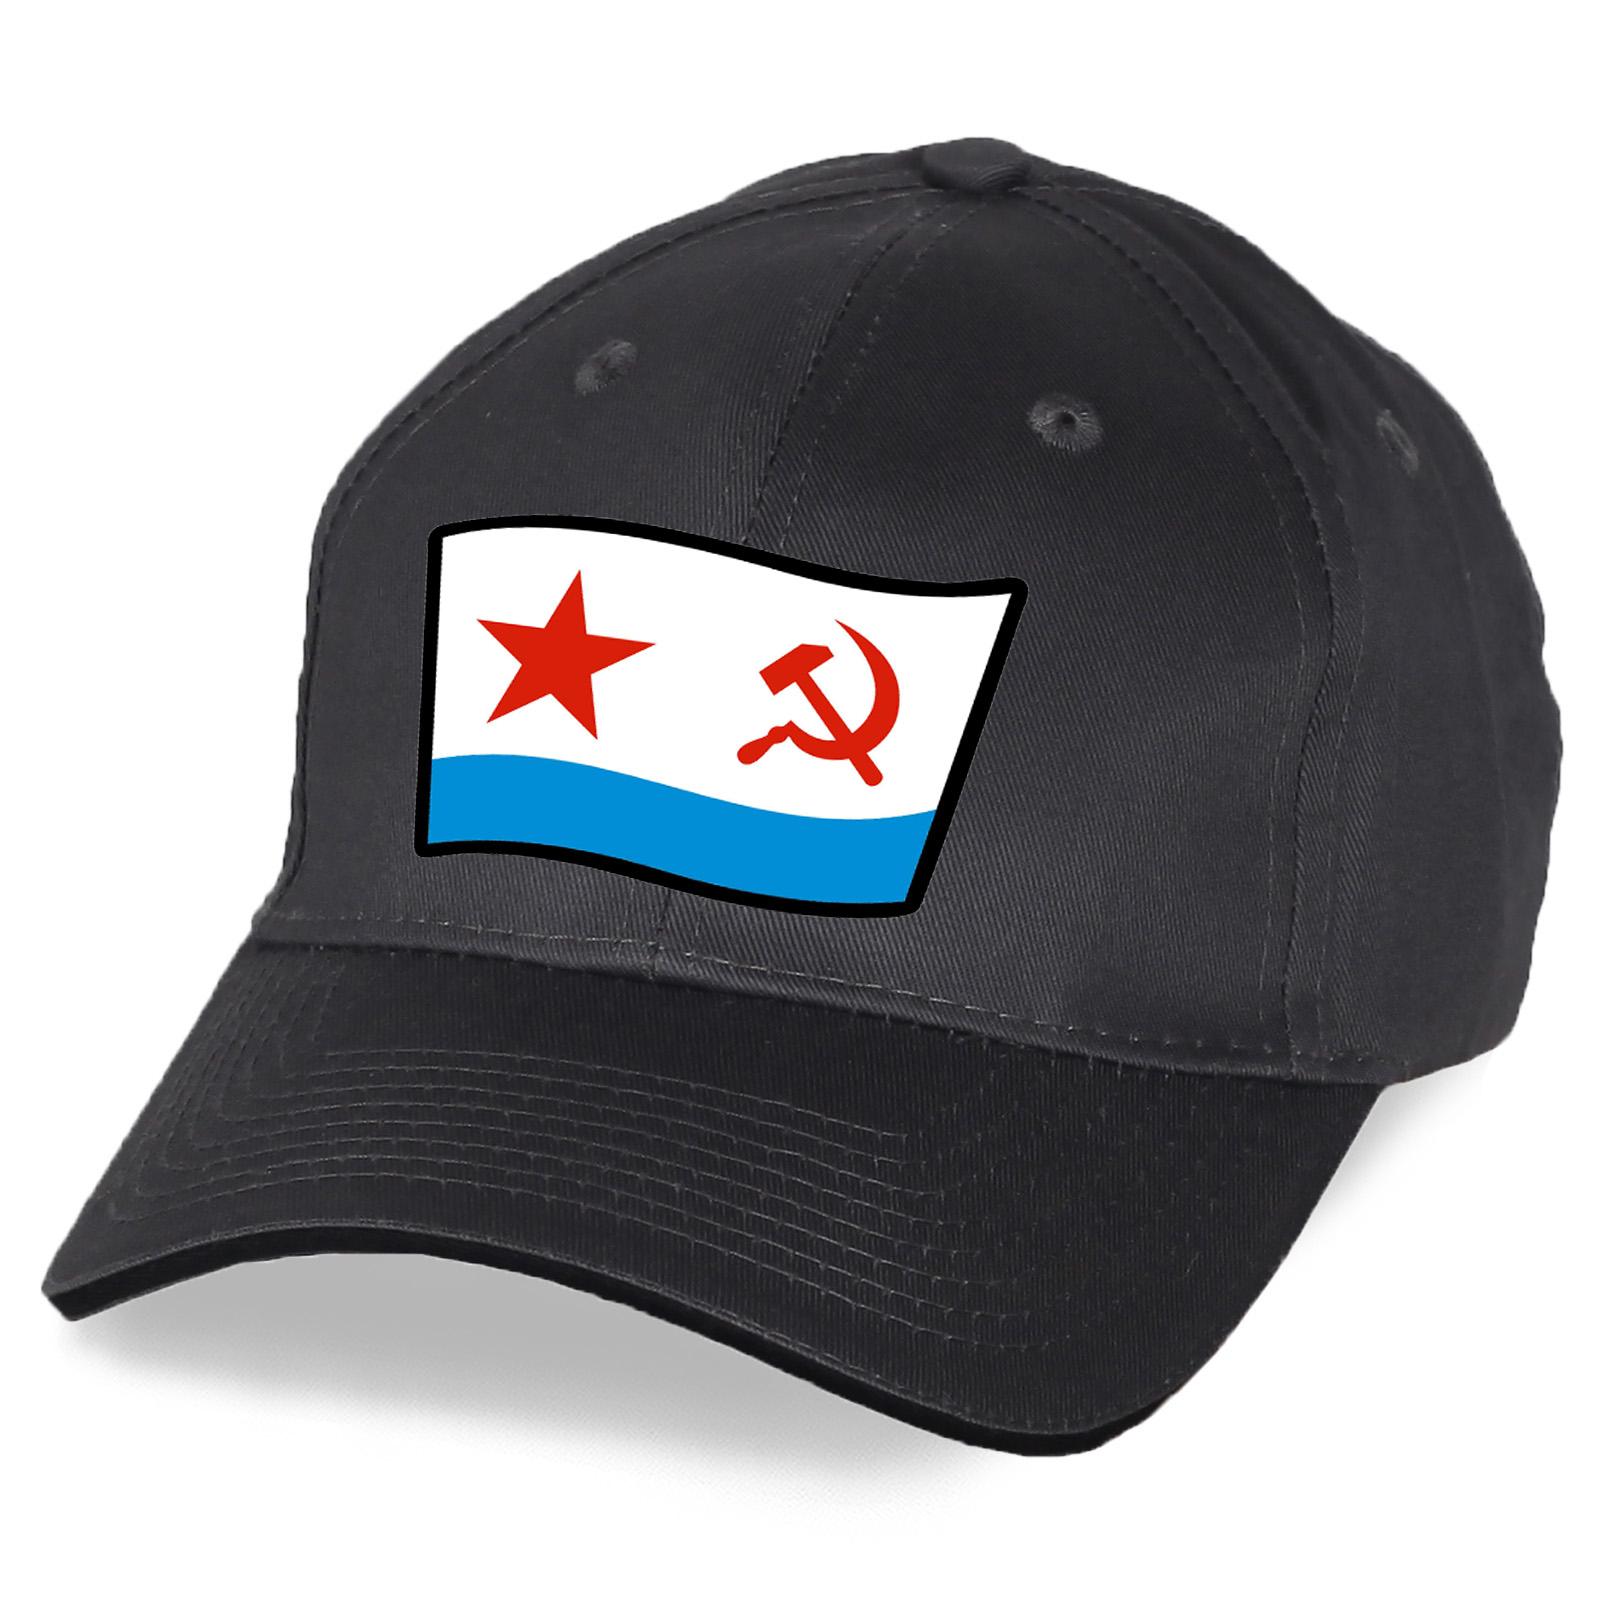 Бейсболка с символикой ВМФ СССР - купить с доставкой